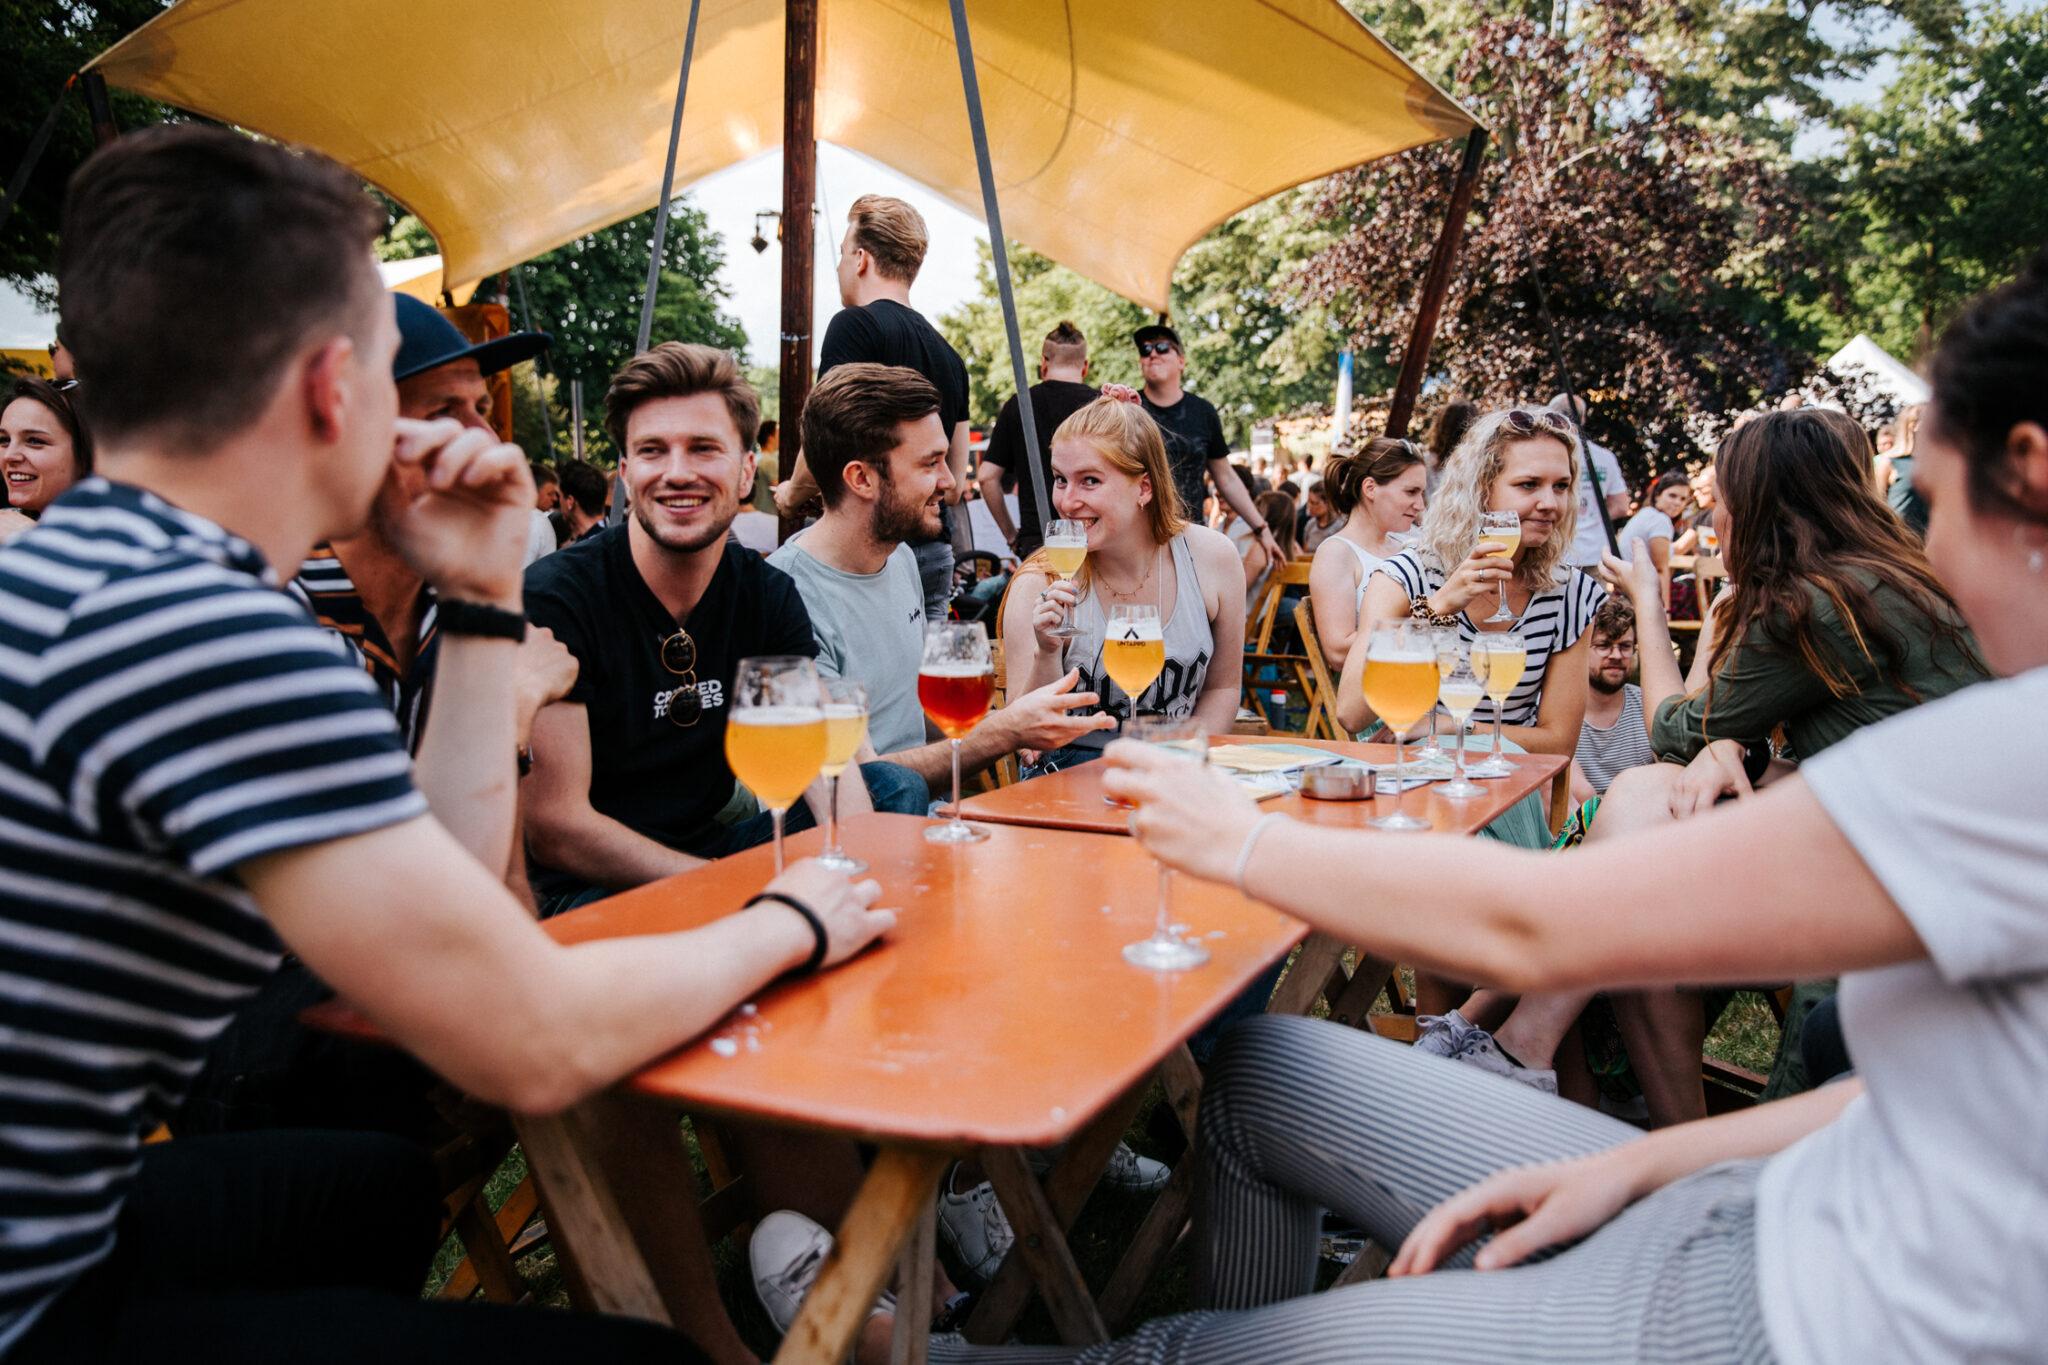 Mout Bierfestival doen weekend